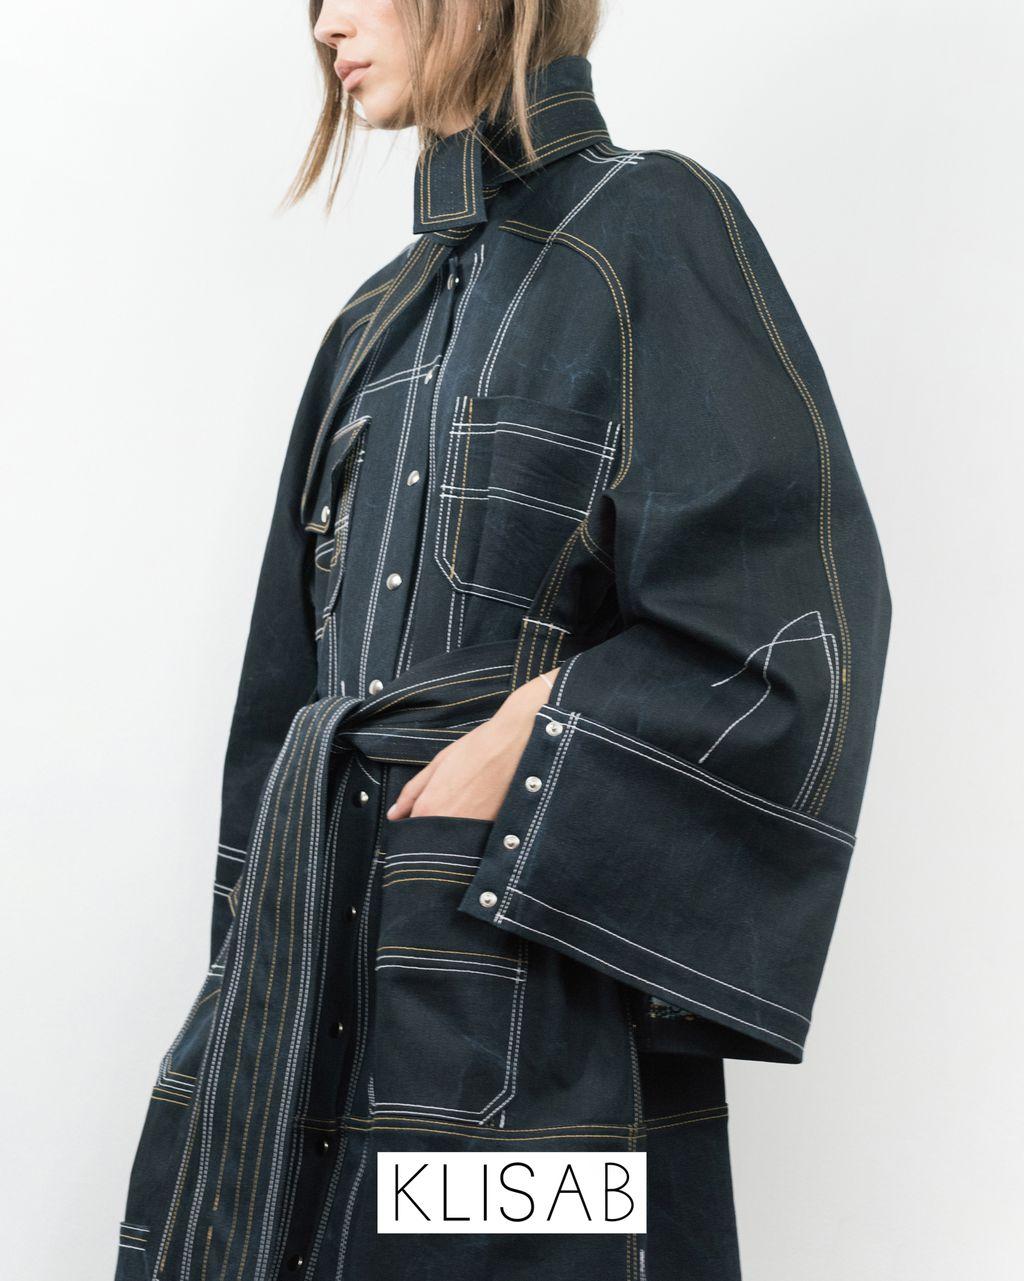 Nova jesenska kolekcija modnog brenda Klisab - 1